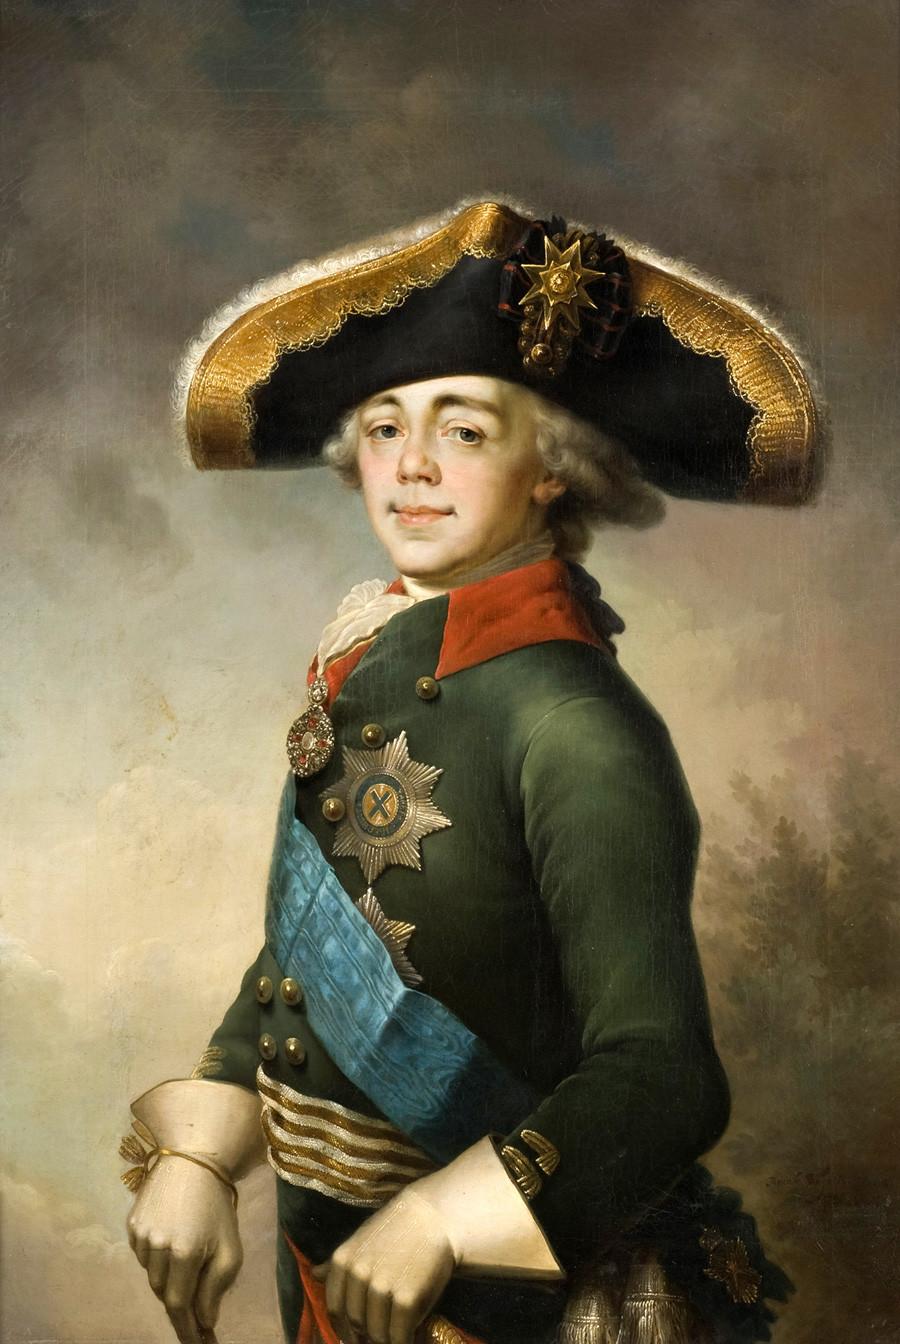 ウラジーミル・ボロヴィコフスキーによる「皇帝パーヴェル1世の肖像」